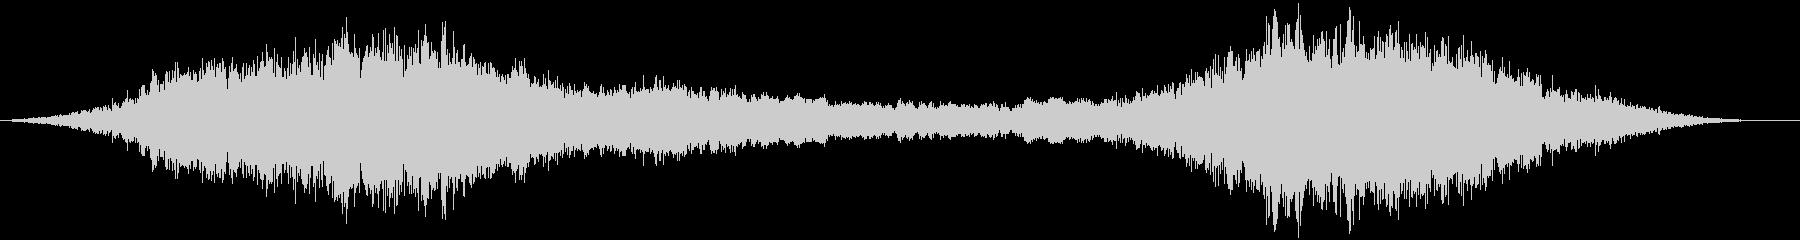 【ダークアンビエント】神殿の中_03の未再生の波形